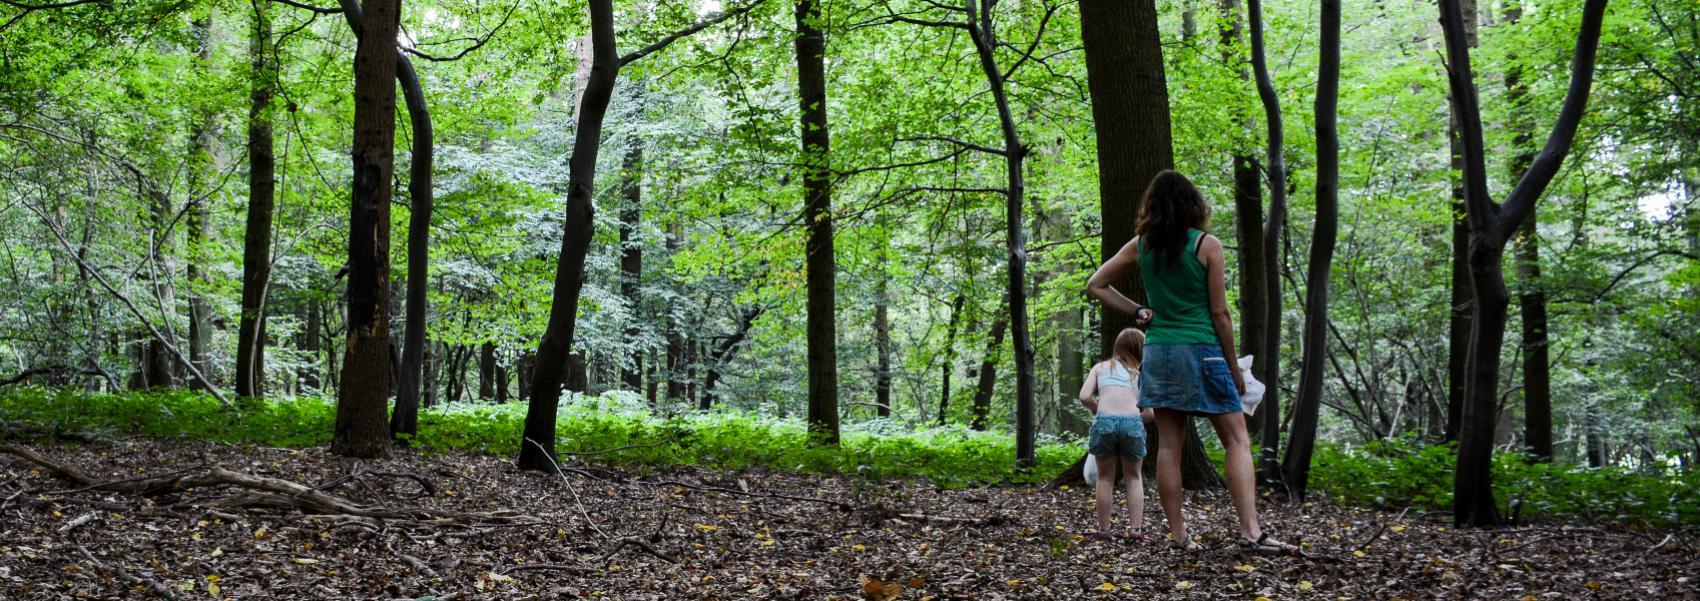 2 meisjes in het bos